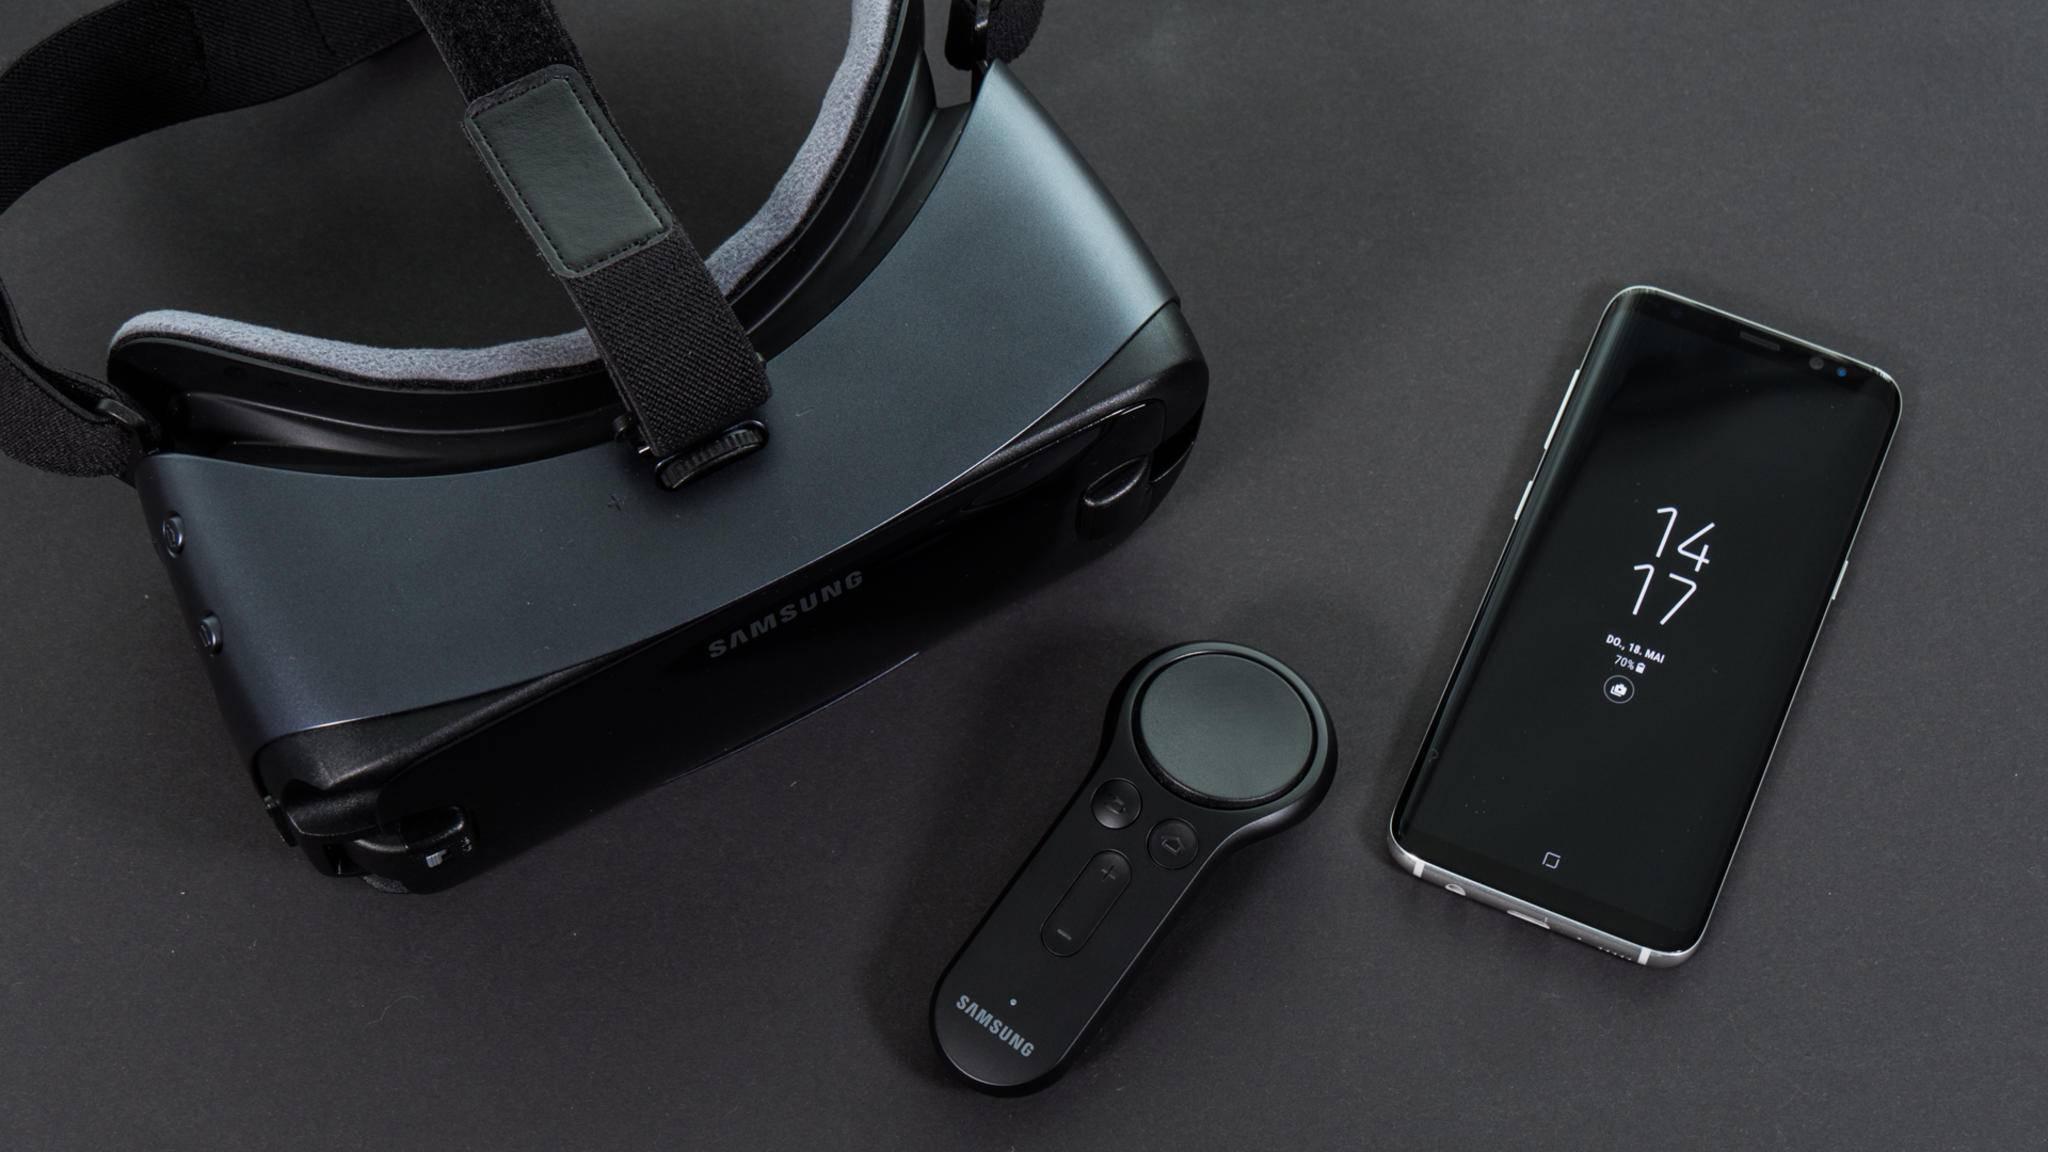 Samsung arbeitet an AR- und VR-Produkten.